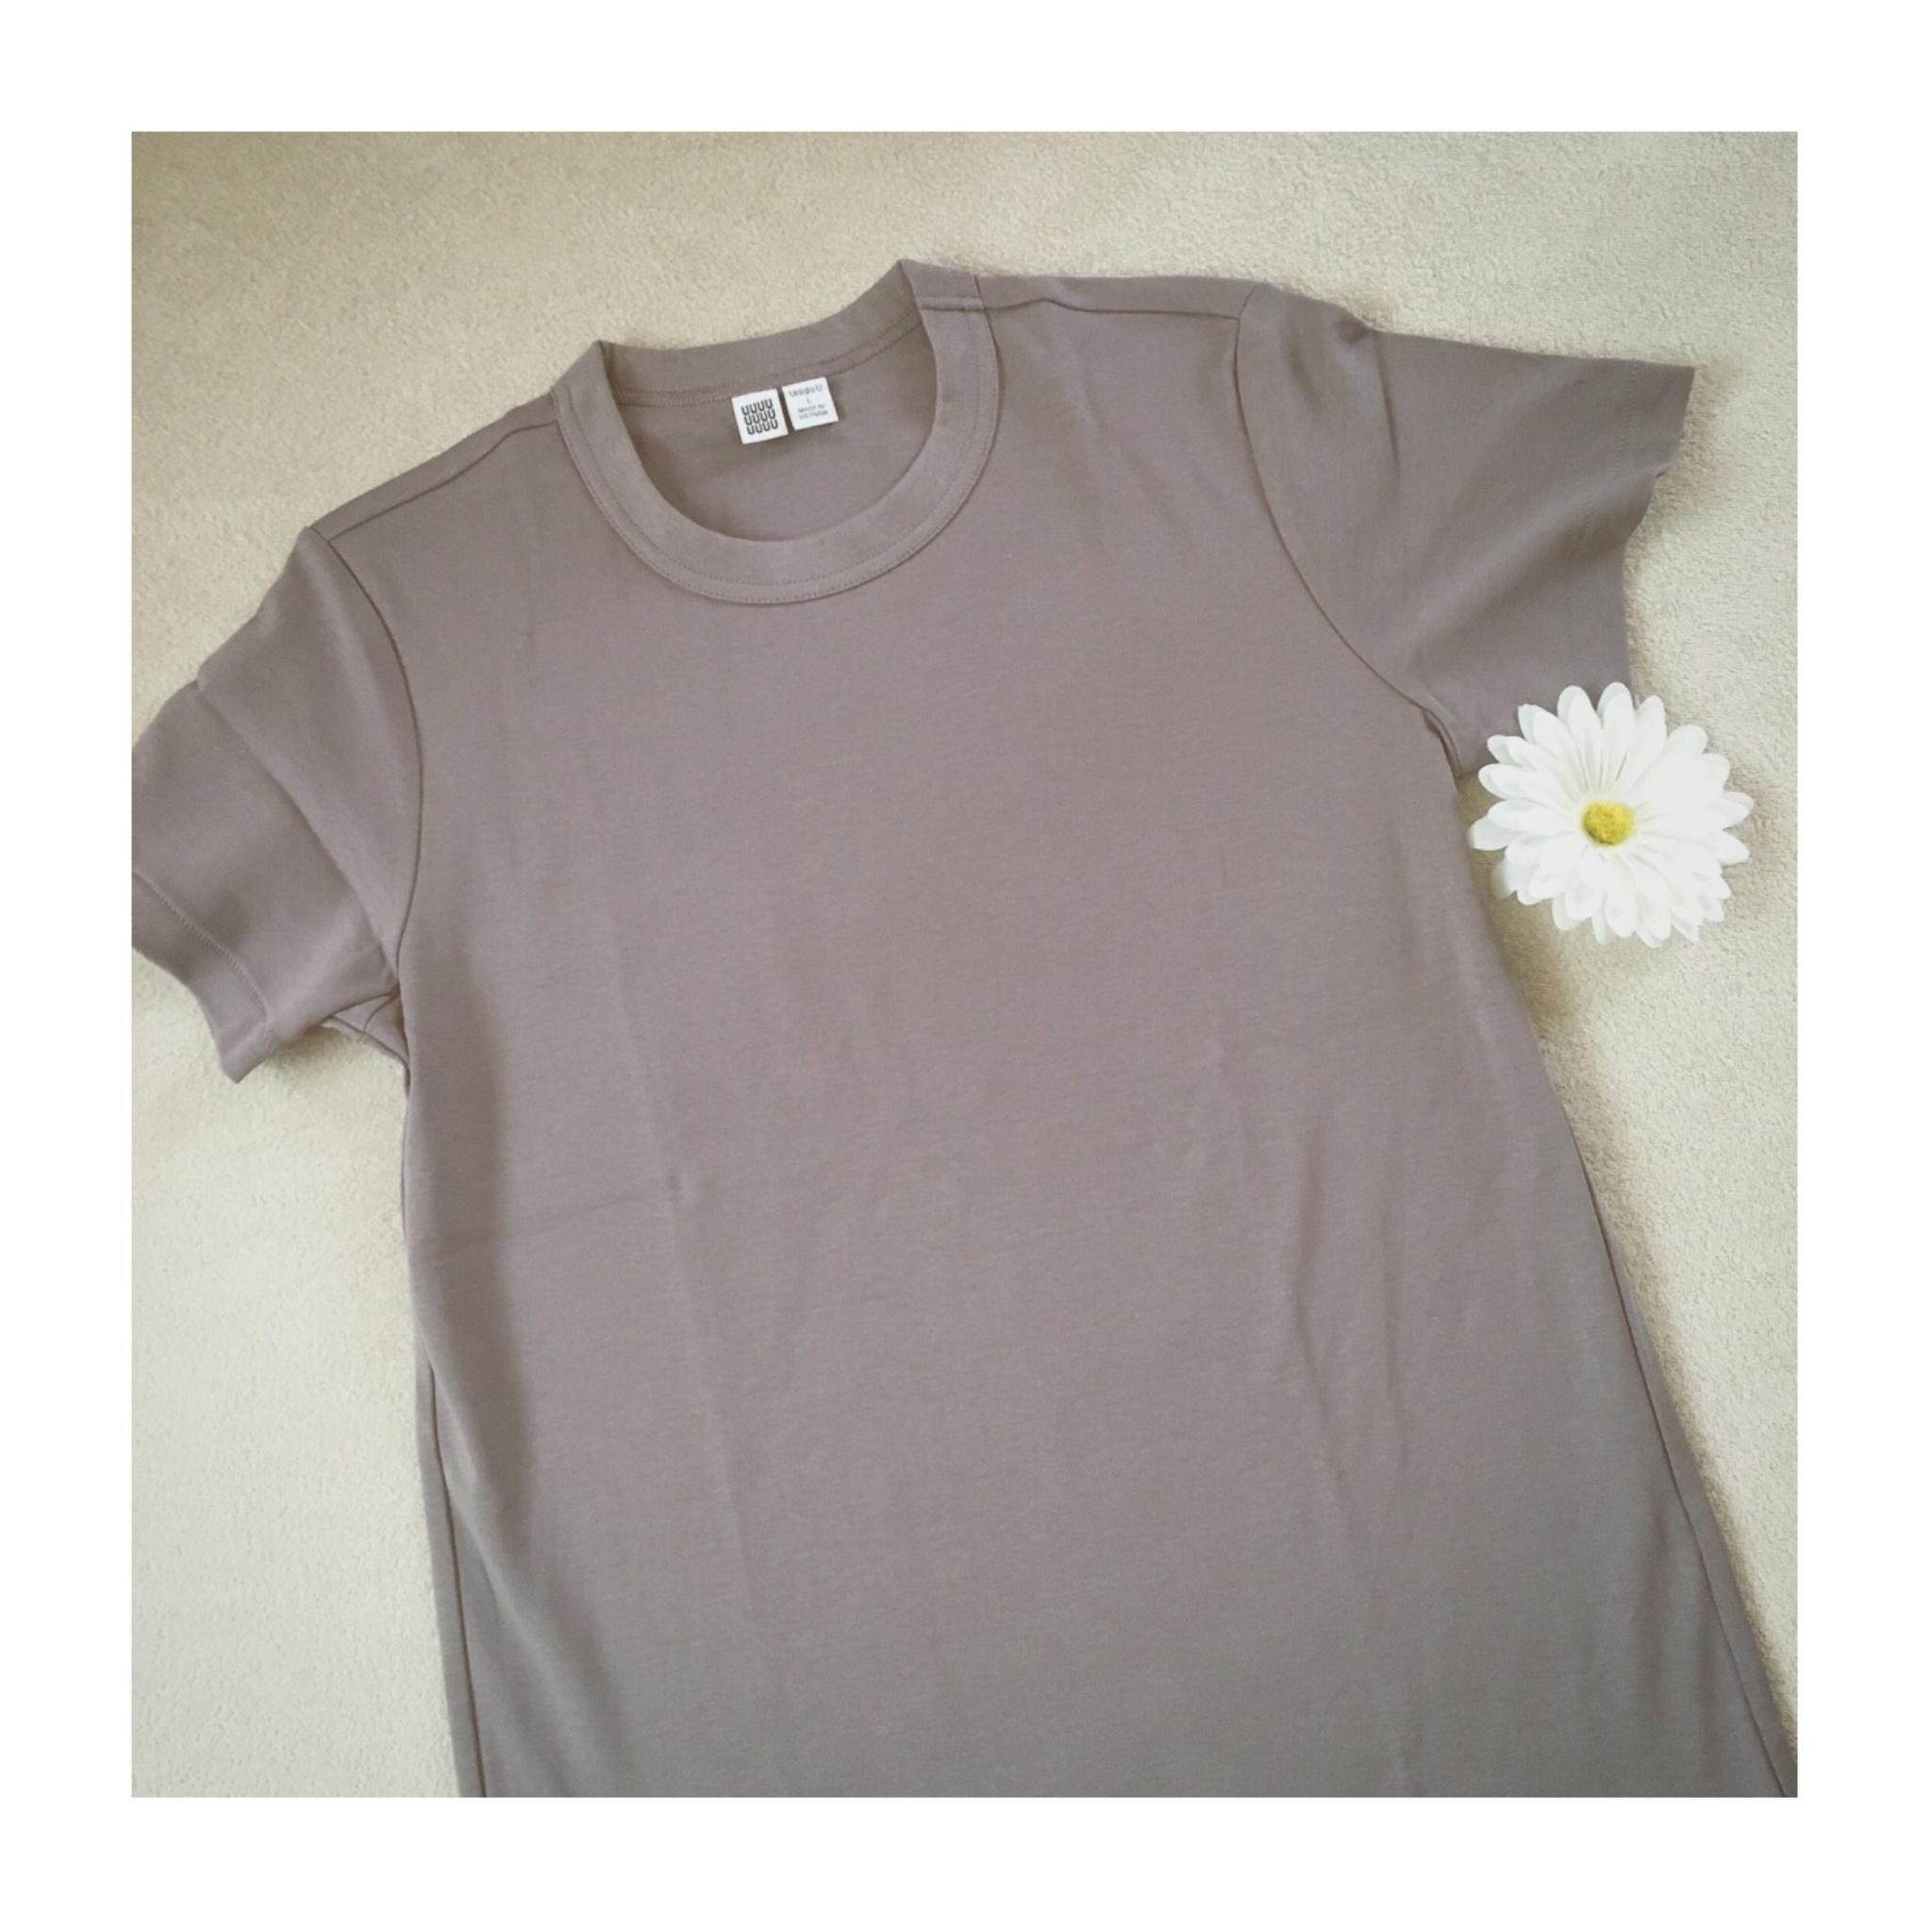 《まだまだ使える!》【Uniqlo U】の大人気¥1,000Tシャツ、いま買い足すなら秋カラーがおすすめ❤️_1